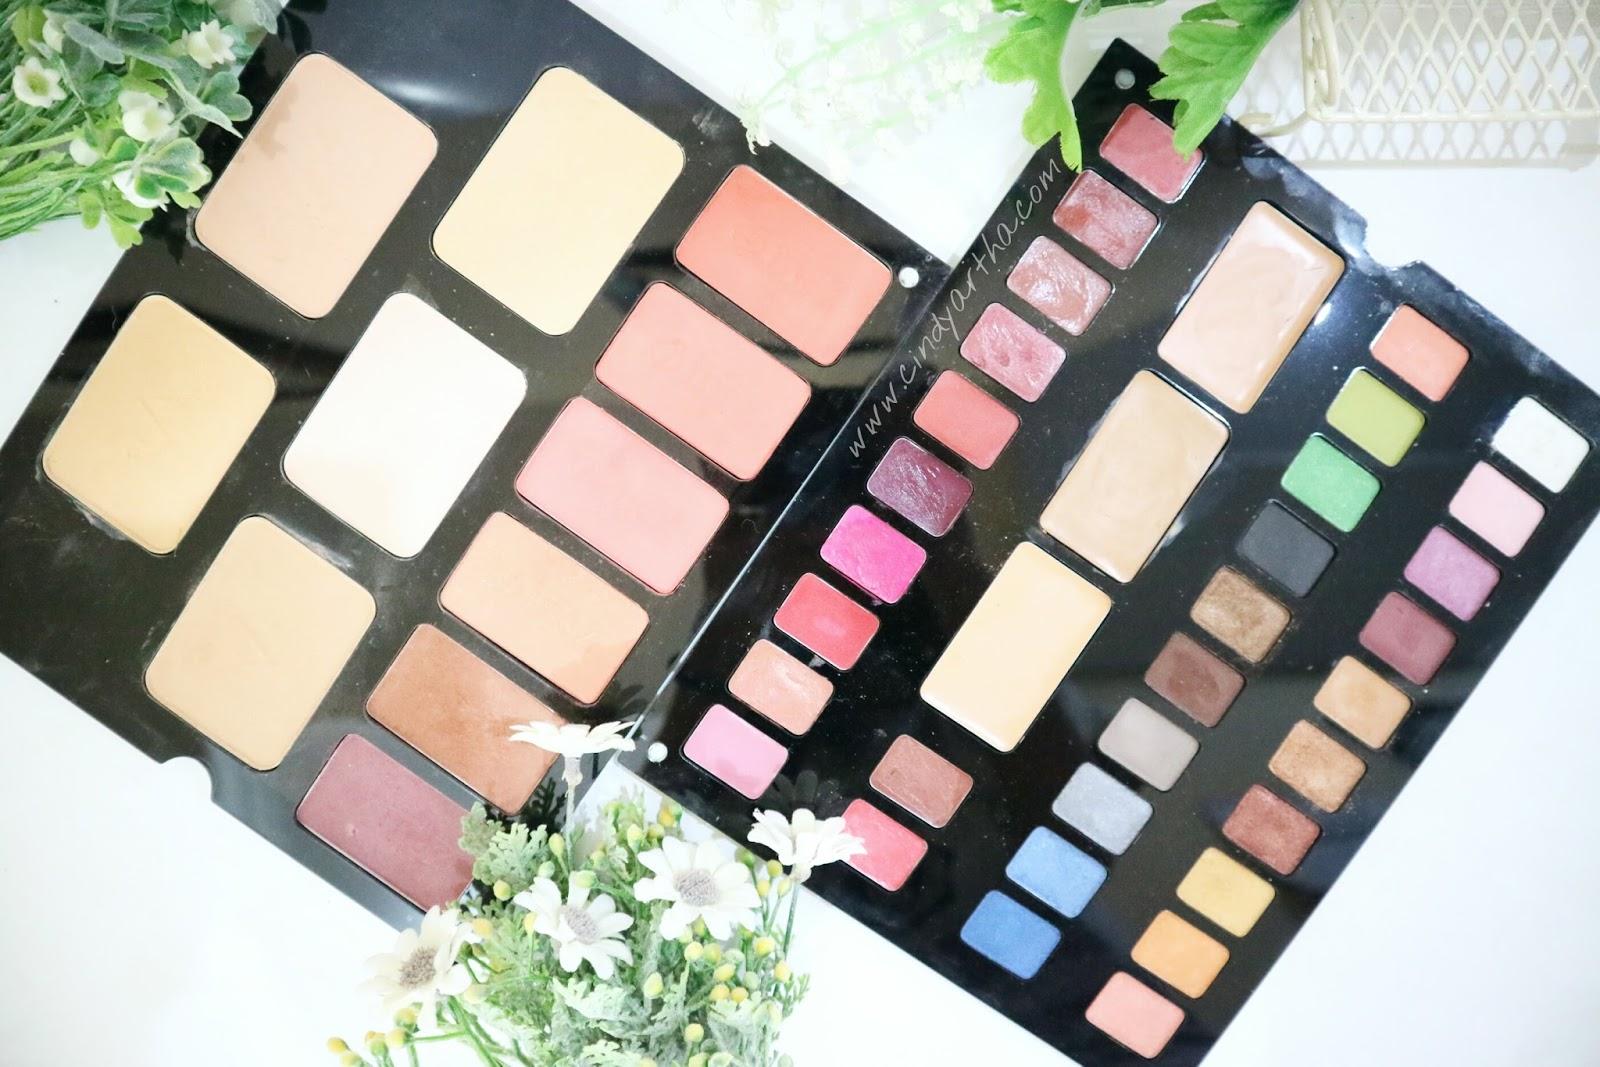 Inez Cosmetics Luxury Pack Beauty Lifestyle Journals Correcting Cream Vivid Pallete Ini Terdiri Dari 10 Lipsticks 2 Lipshines 3 Creams 20 Eyeshadows 6 Blush On Dan 5 Two Way Cake